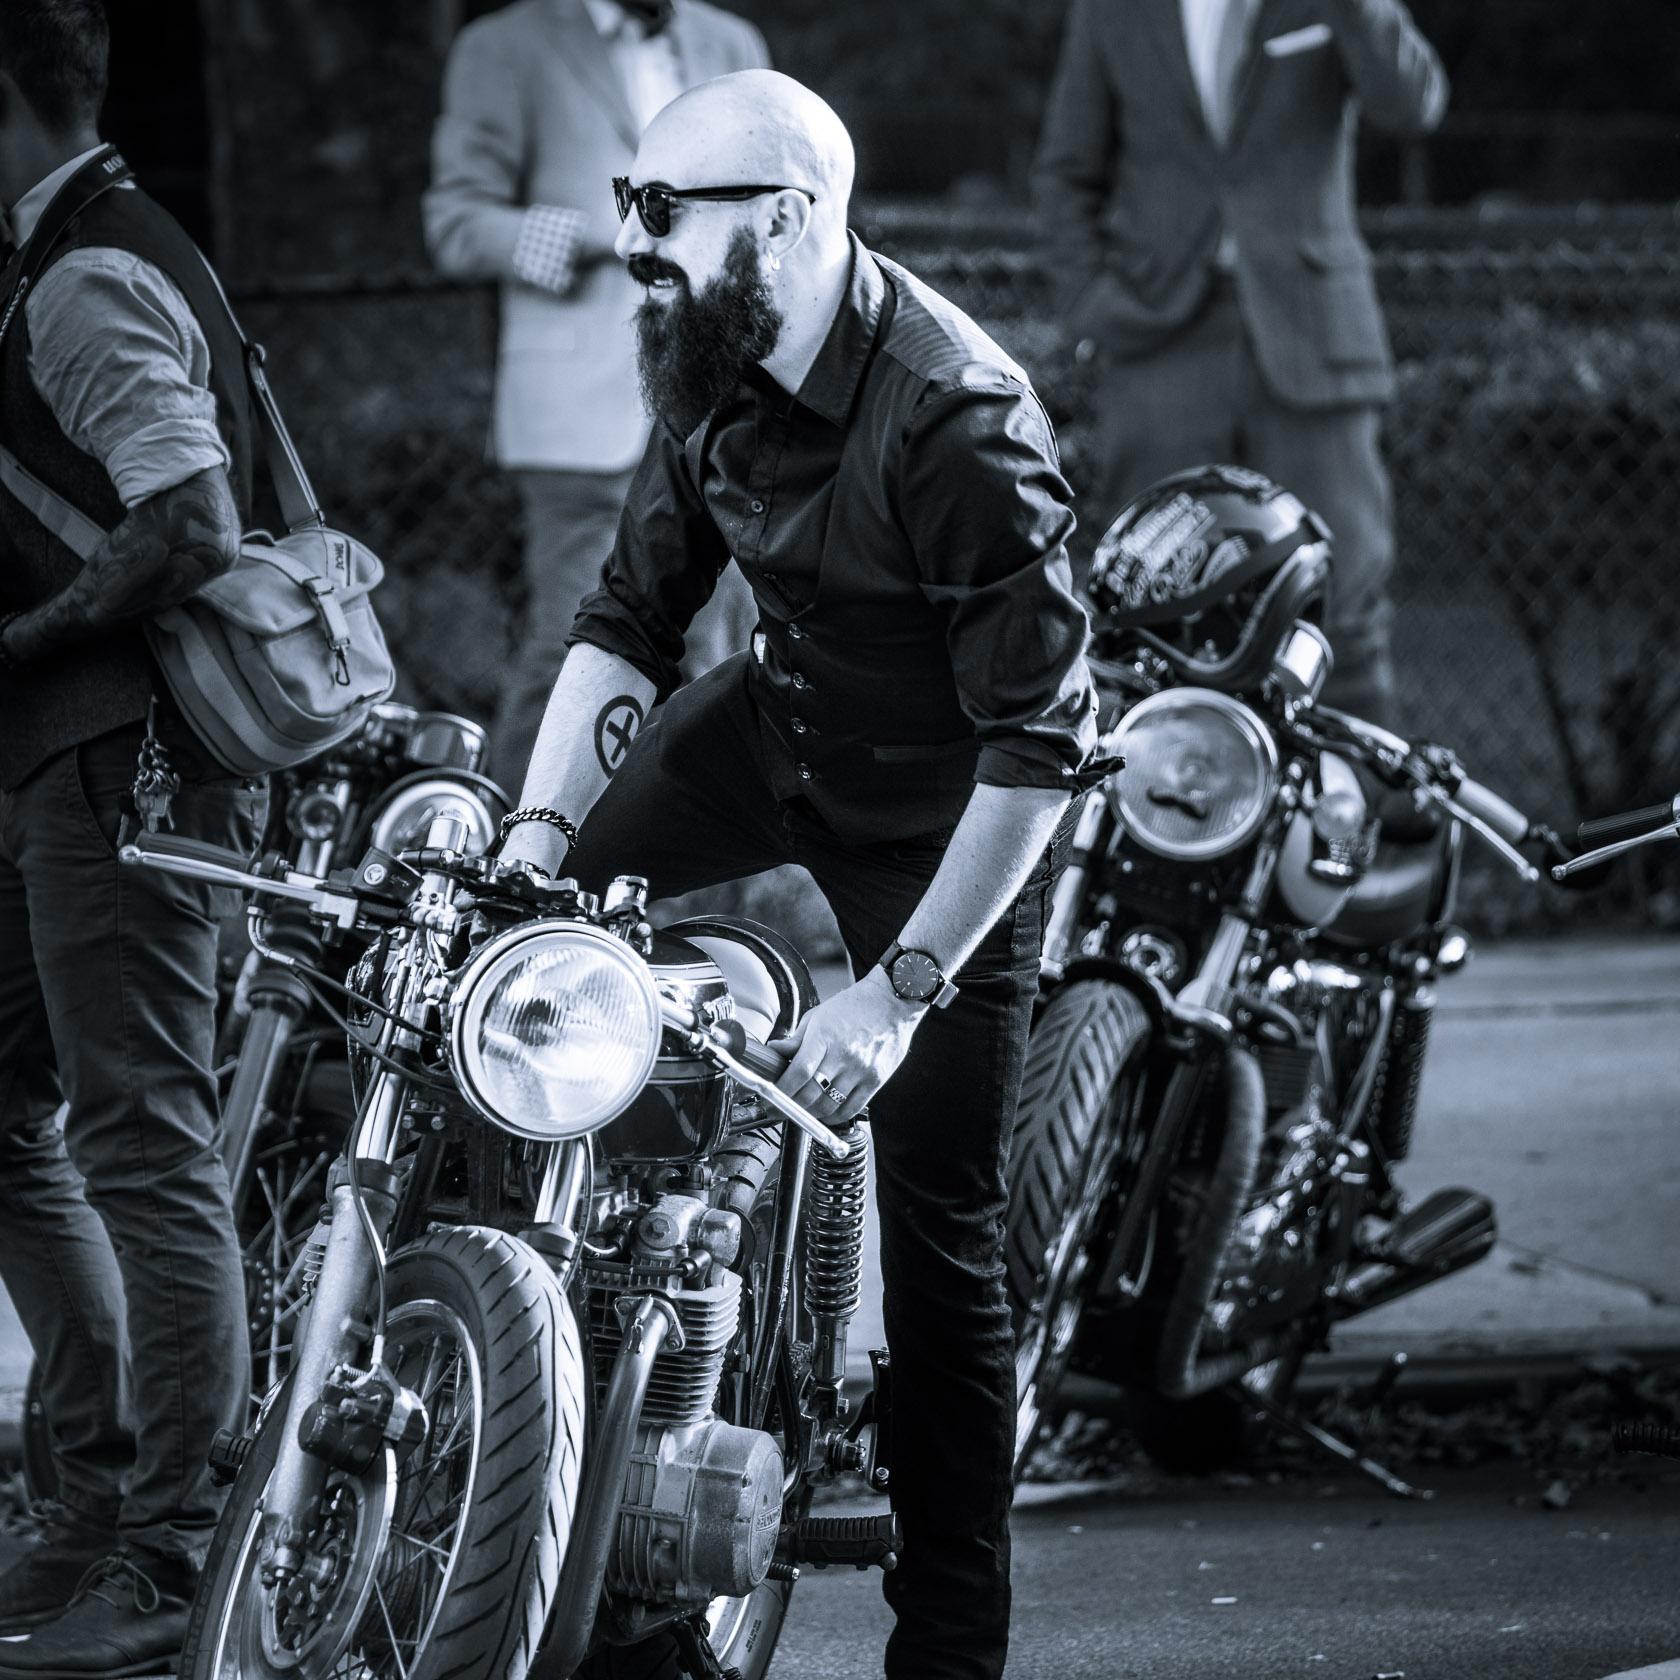 Bikers NYC 21